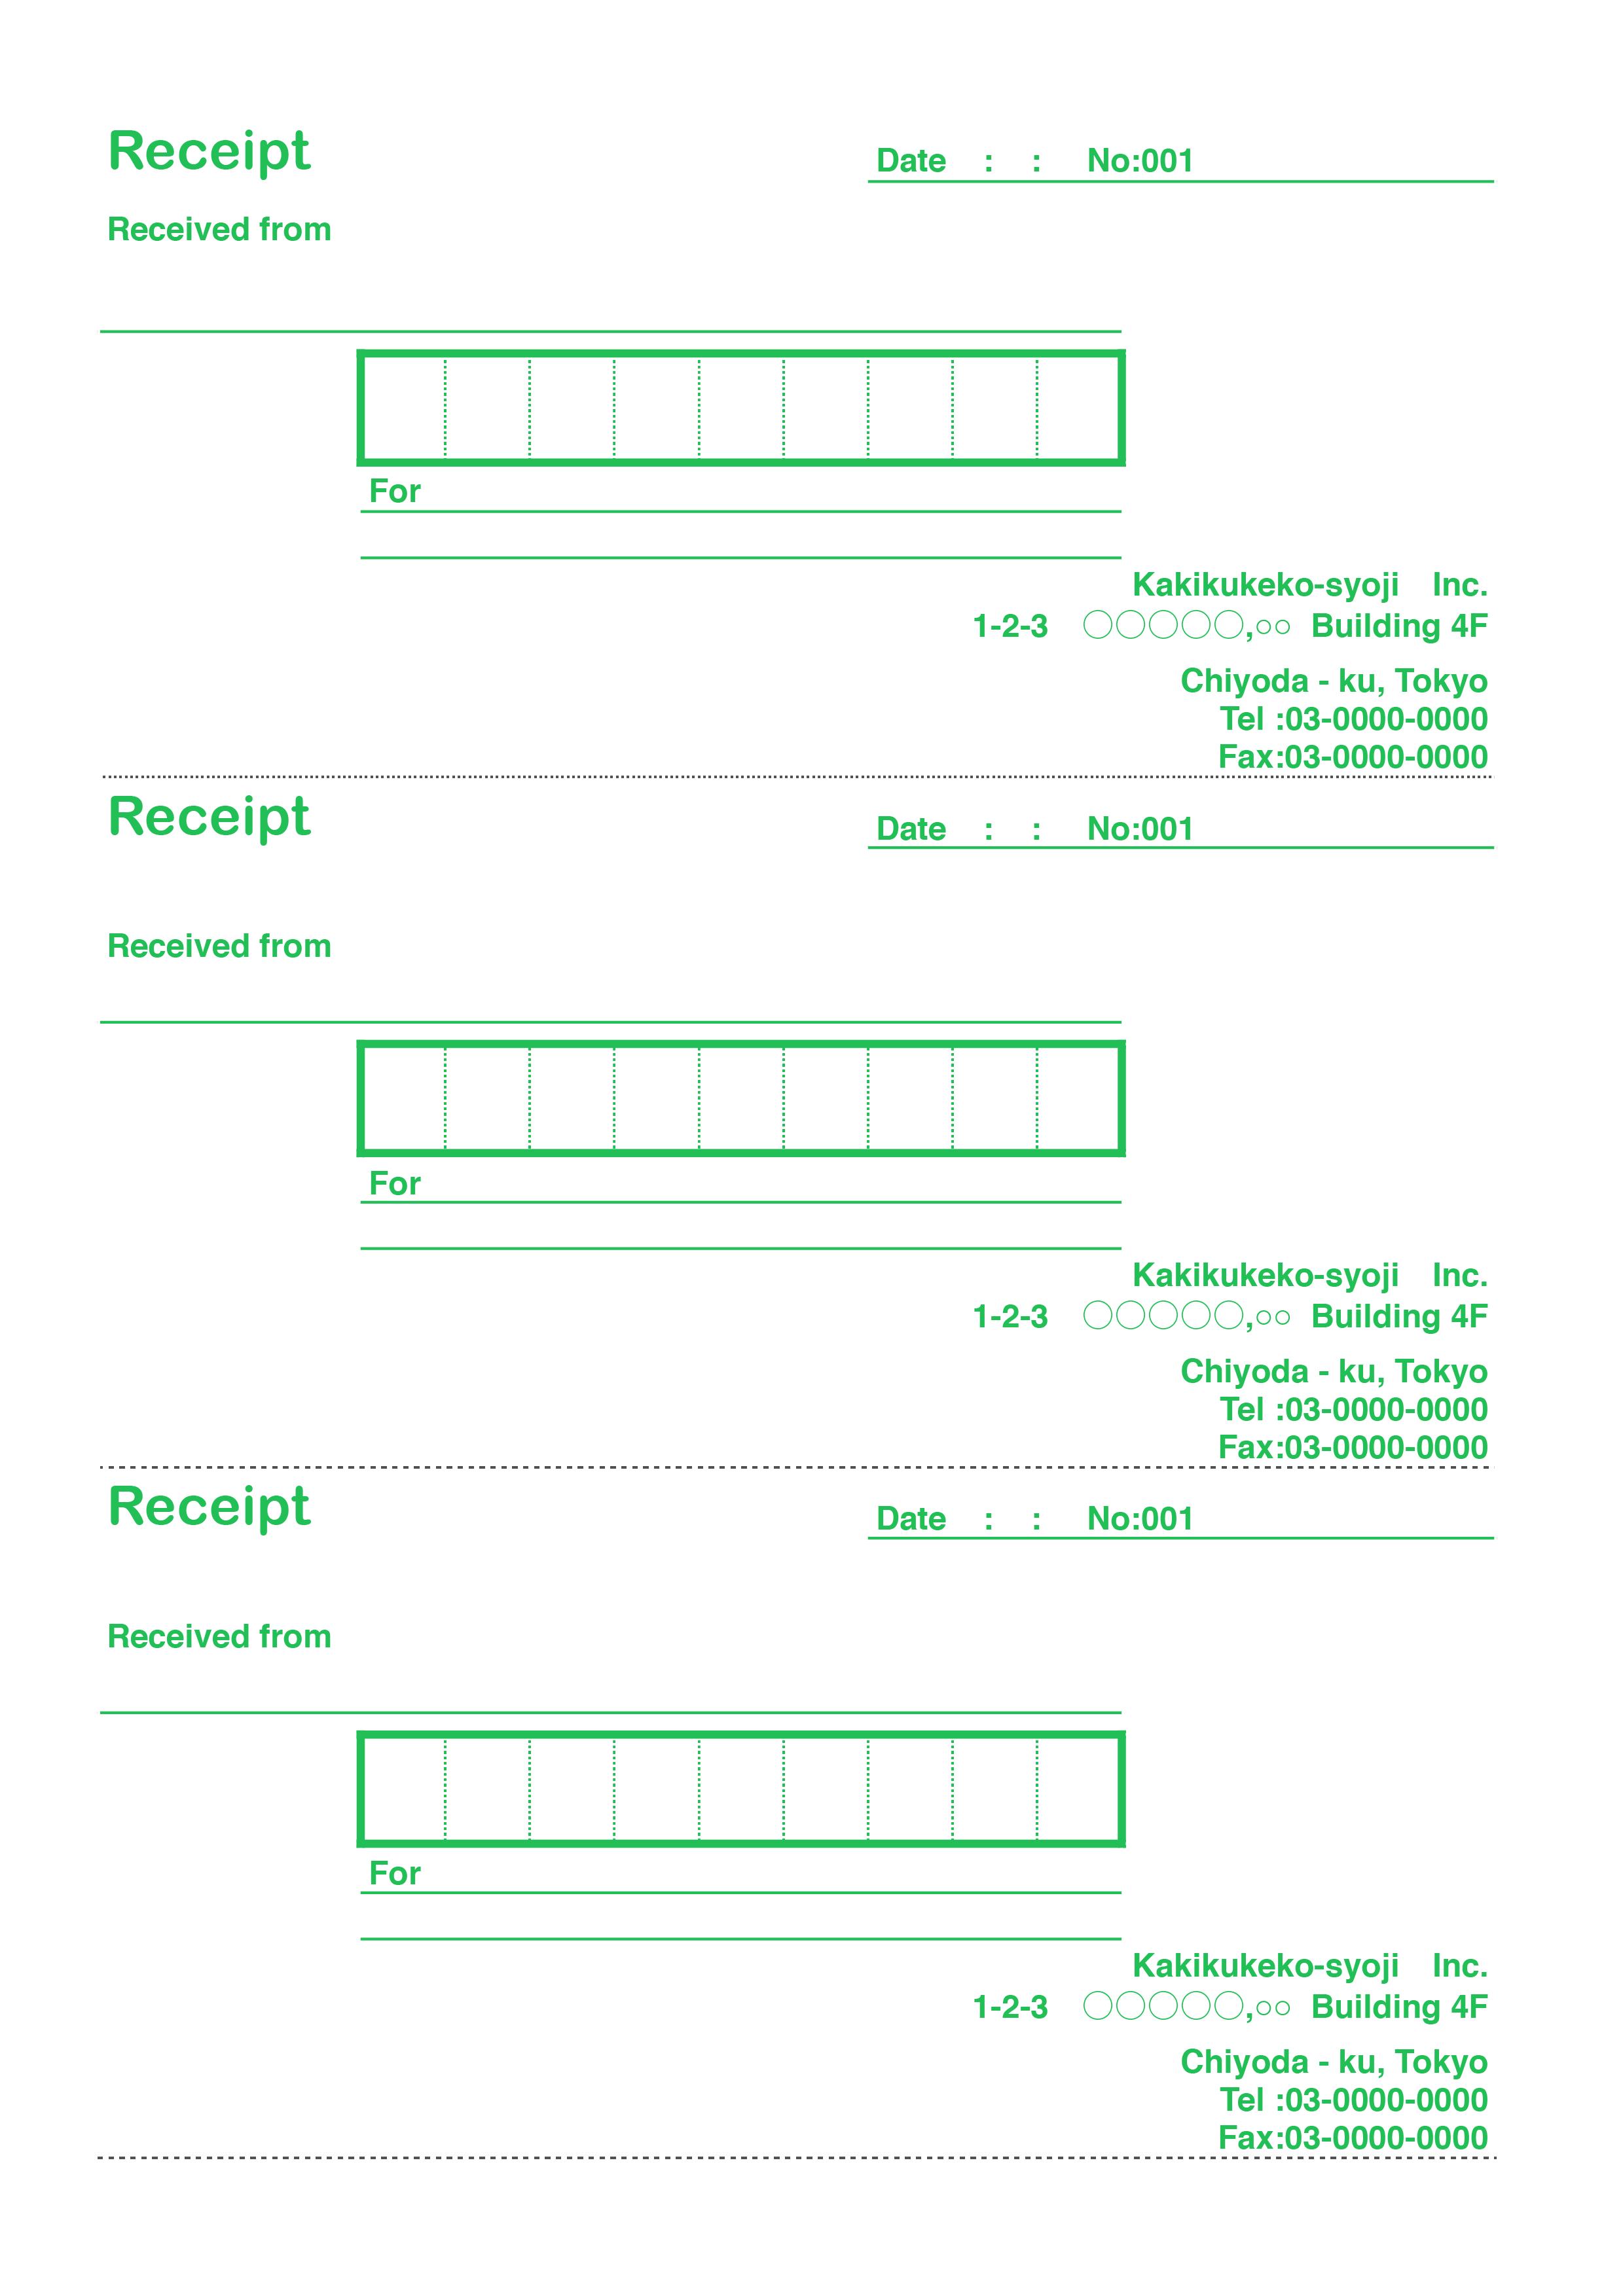 おしゃれな英字の領収書(Receipt)テンプレート(エクセル・ナンバーズ)3枚つづり グリーン